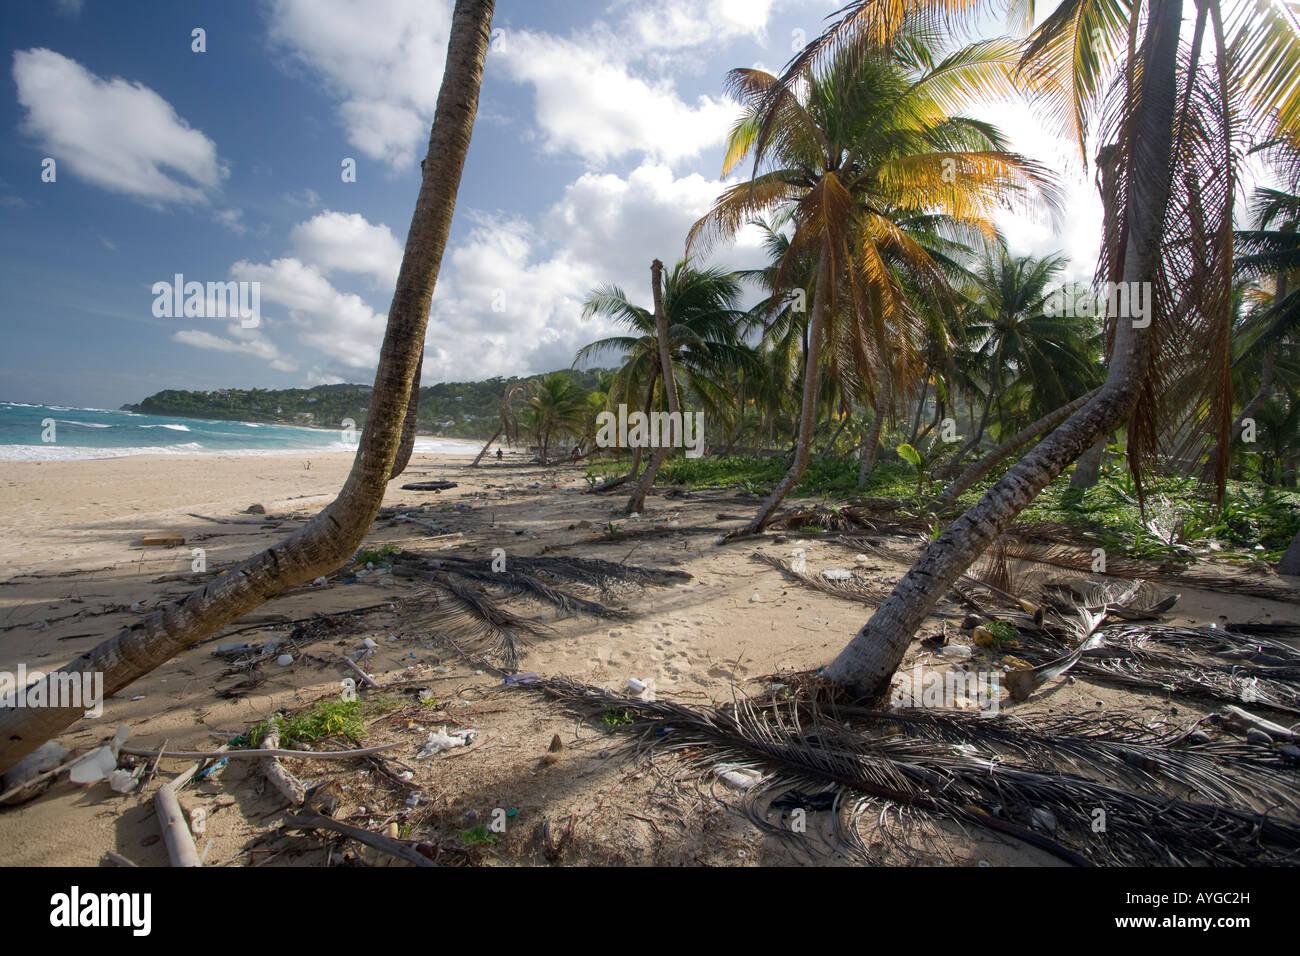 Jamaika Bucht an der Ostküste nach Hurrikan Dean schmückten Palmen und Strand-Bars und Häuser Stockbild